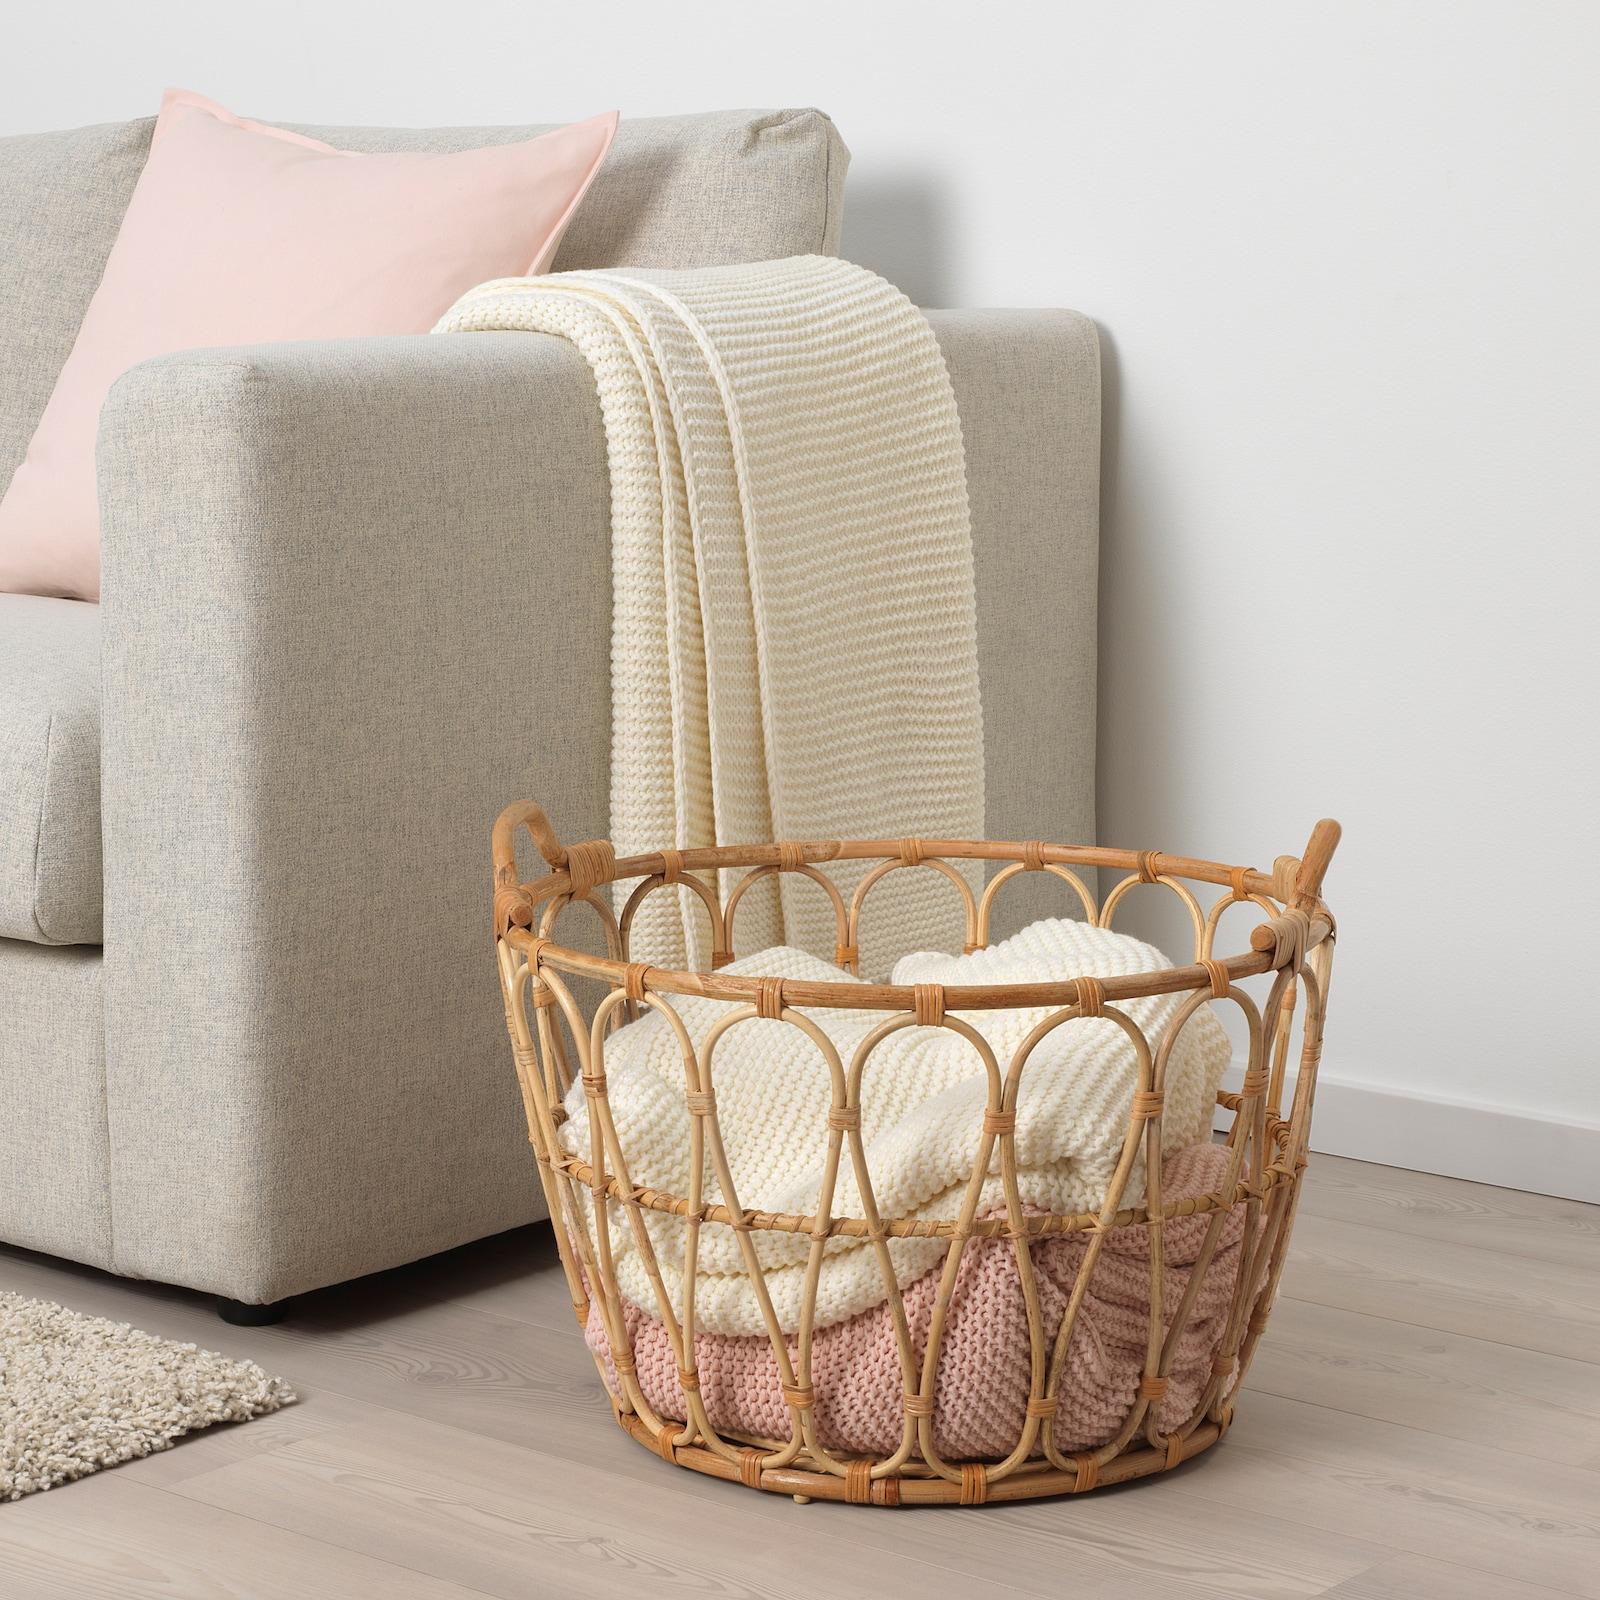 IKEA - košara od ratana